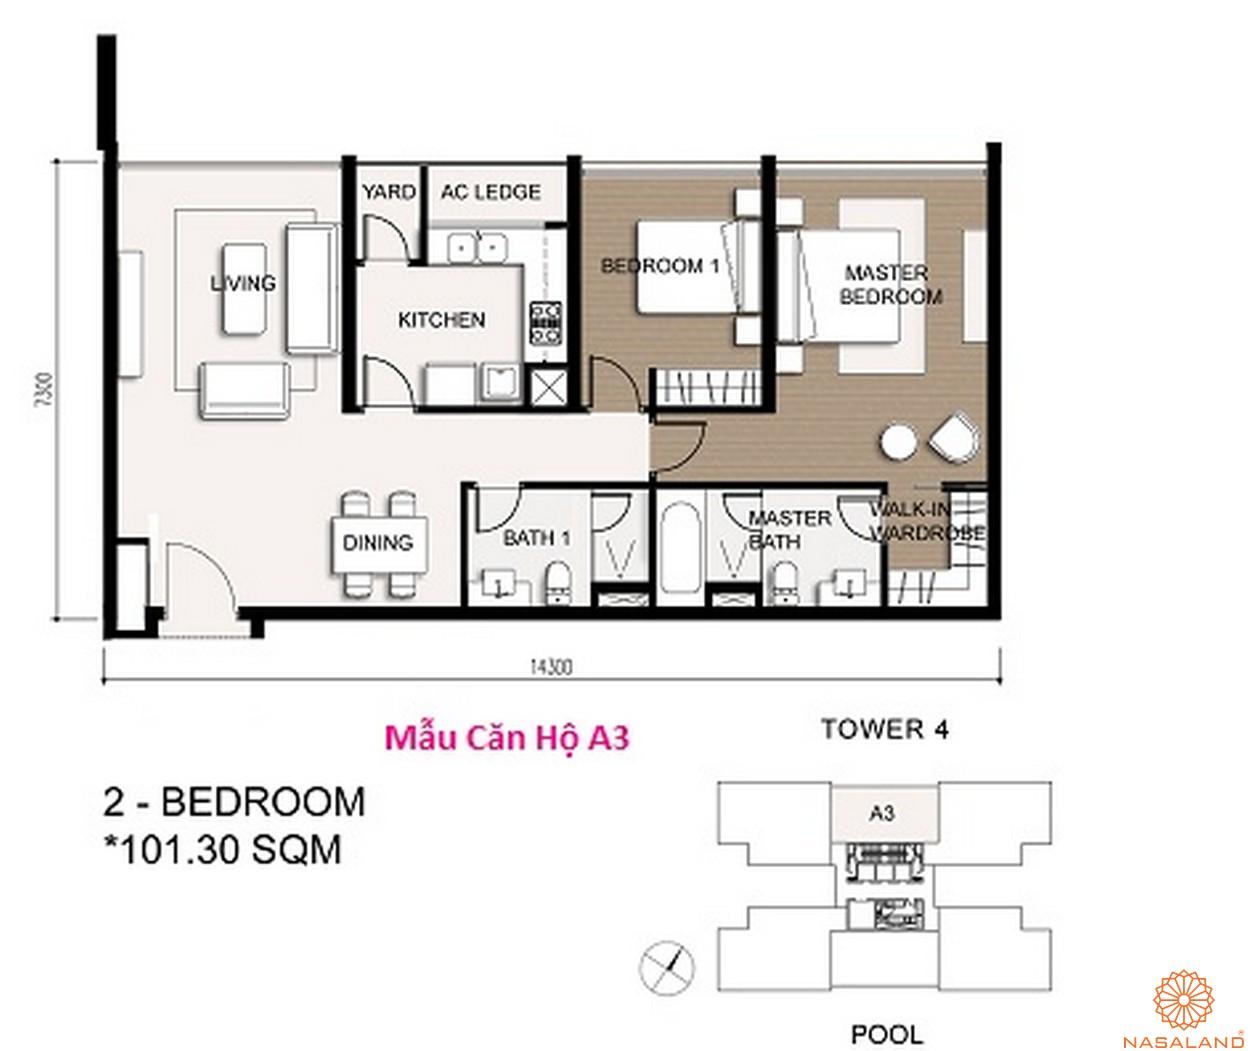 Mặt bằng dự án căn hộ chung cư The Vista An Phú Quận 2 Đường chủ đầu tư